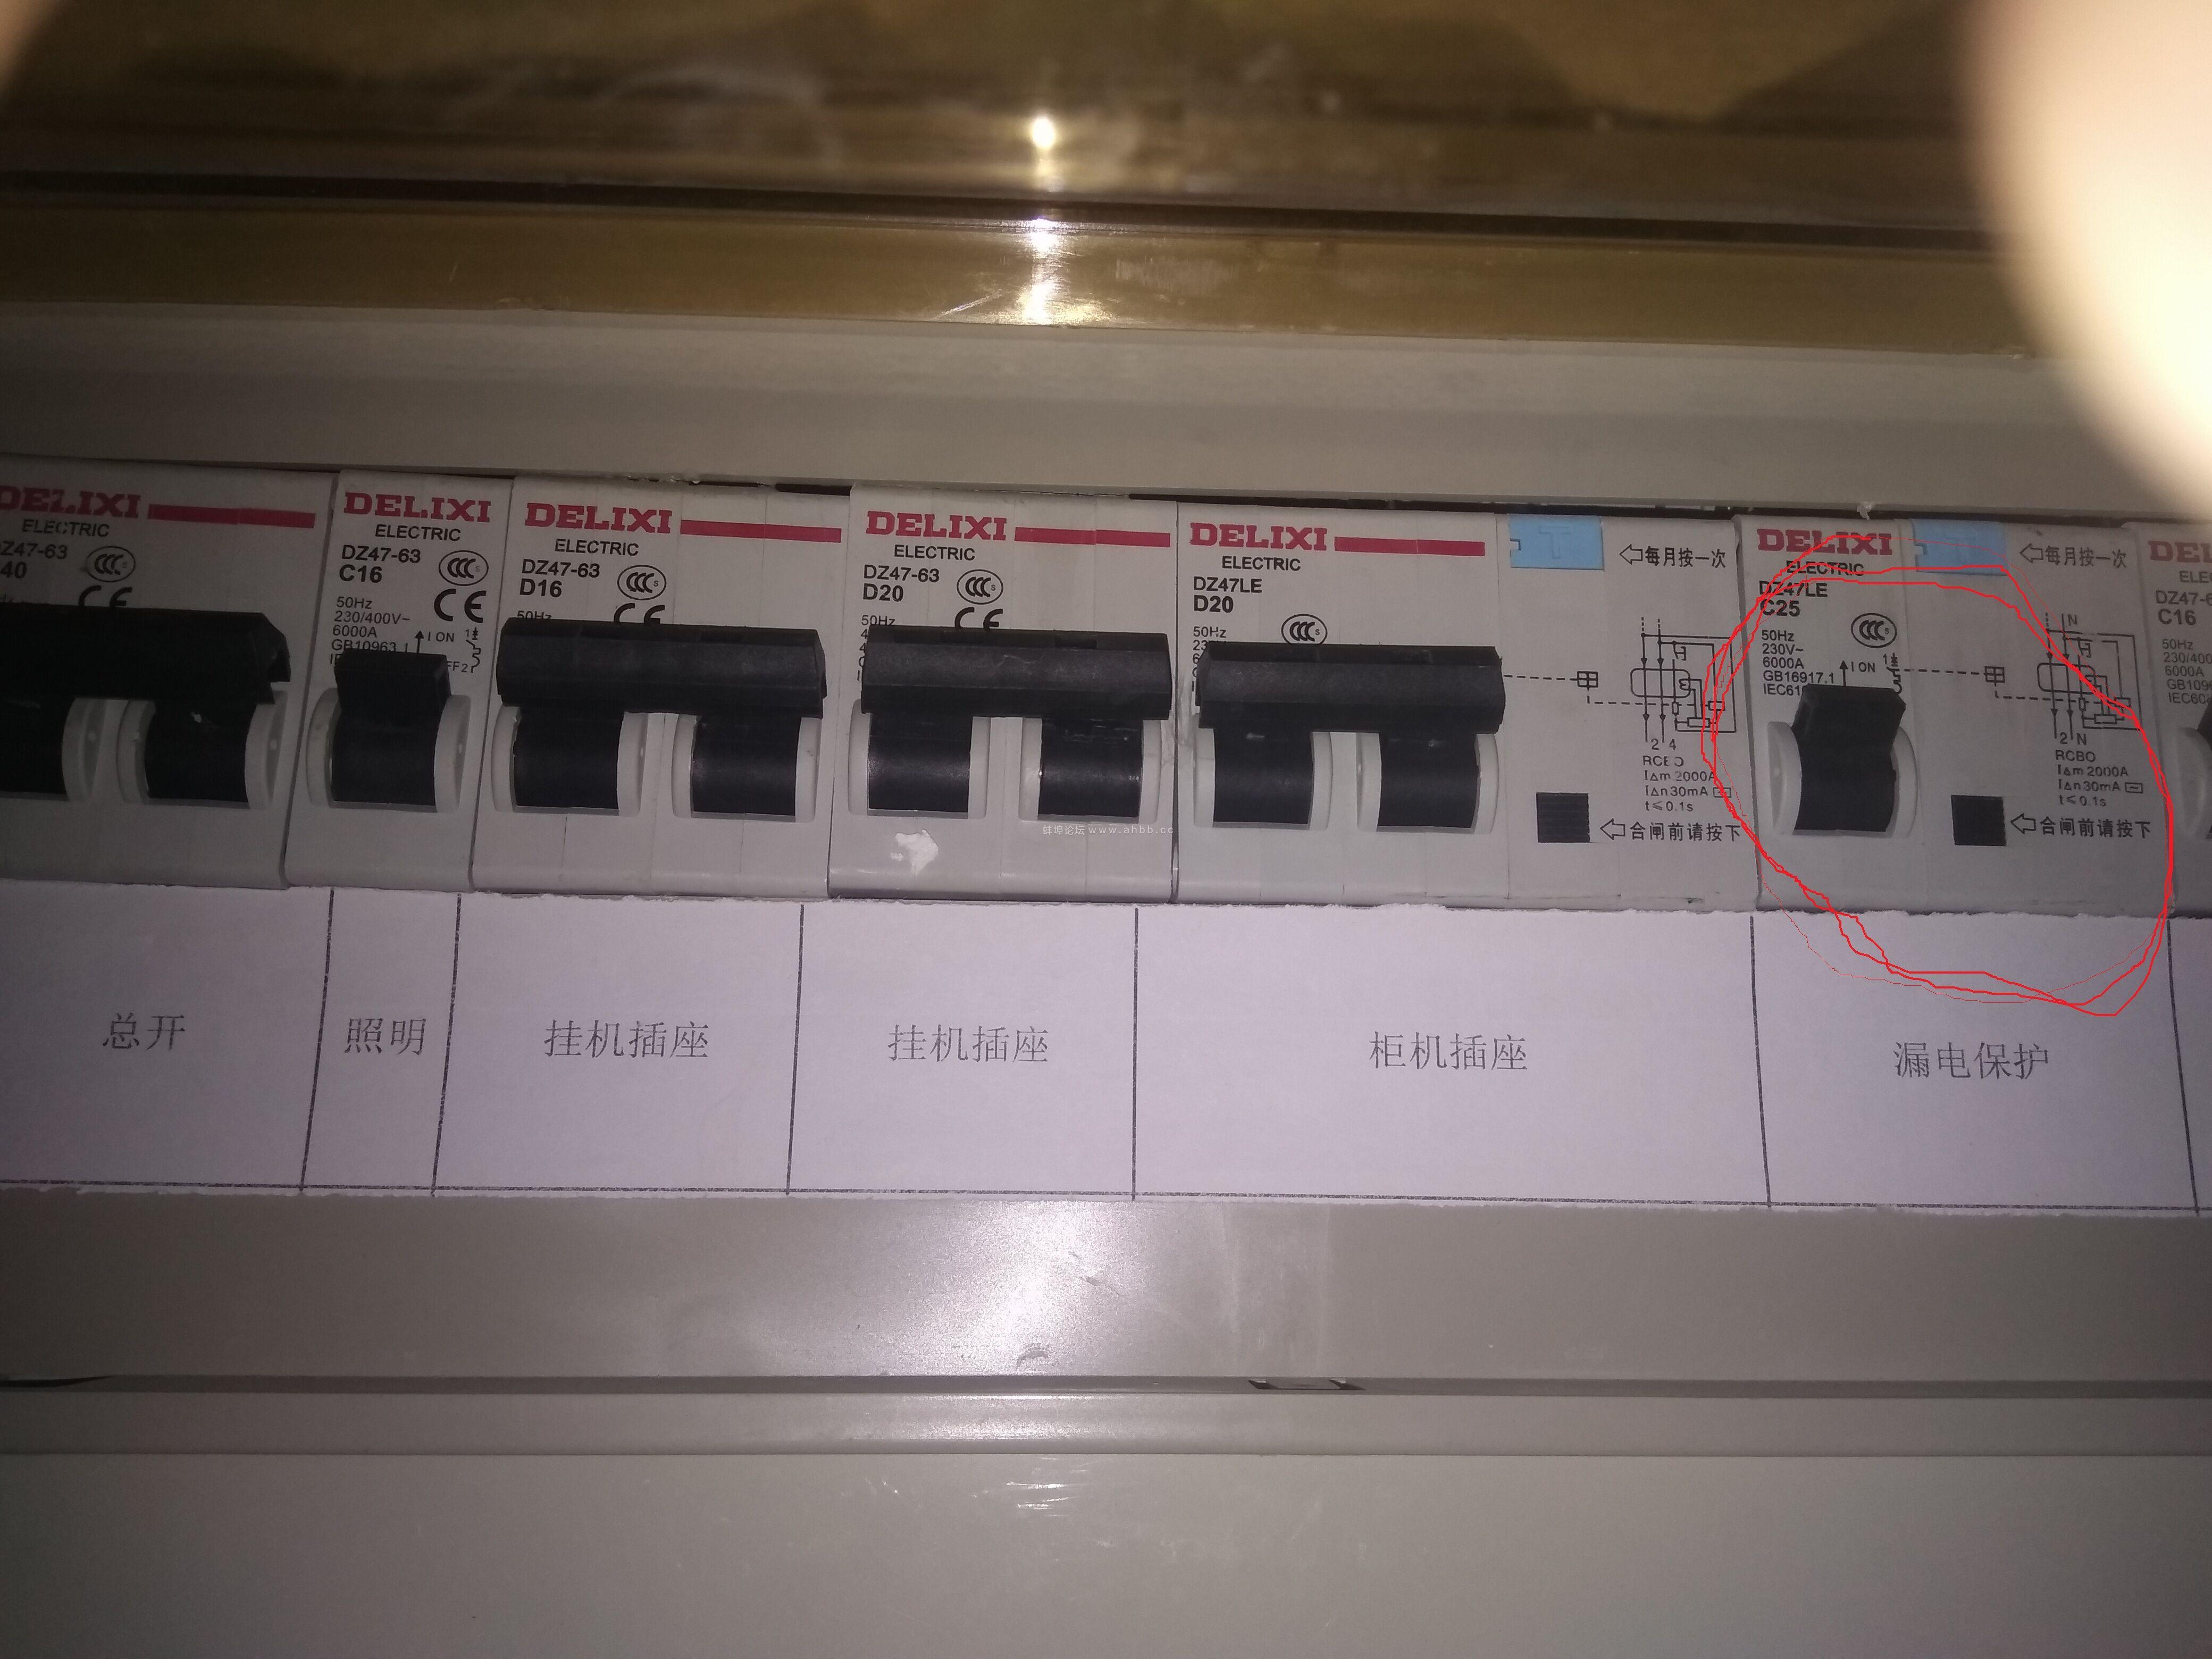 装修水电常识:空气开关VS漏电开关,要如何选?